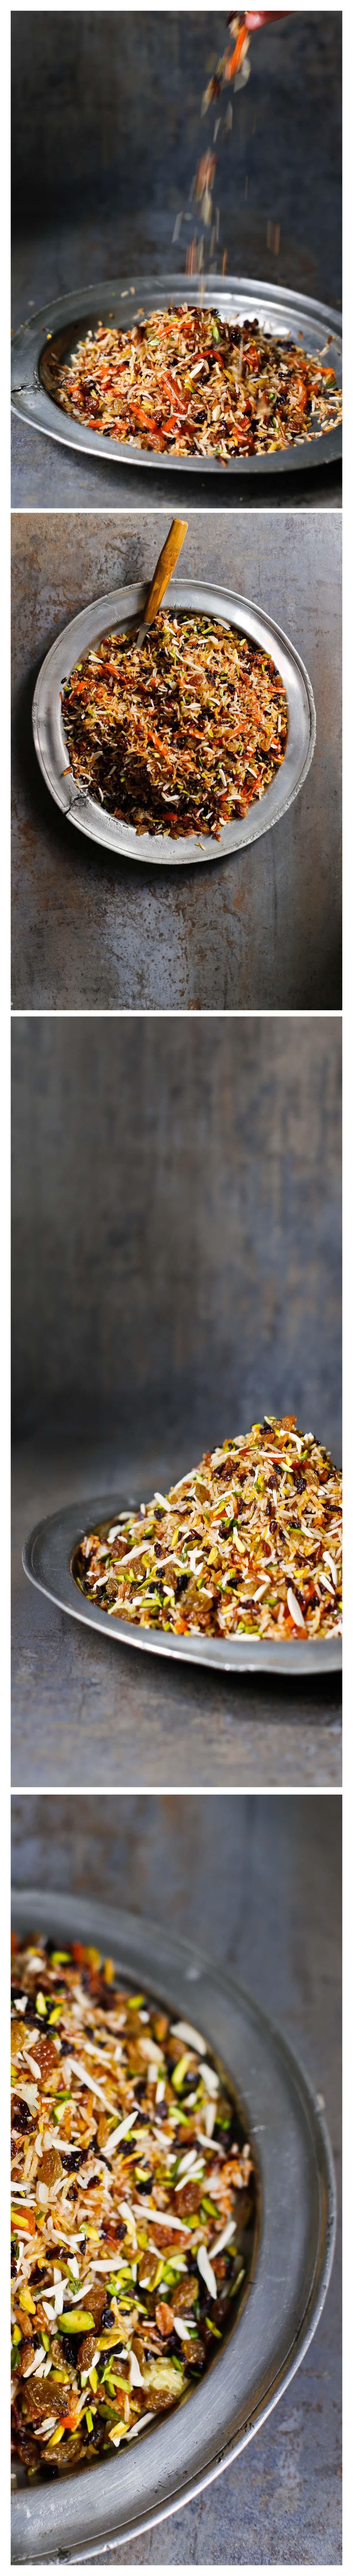 JAVAHER POLOW: arroz persa enjoyado – El Oso con Botas